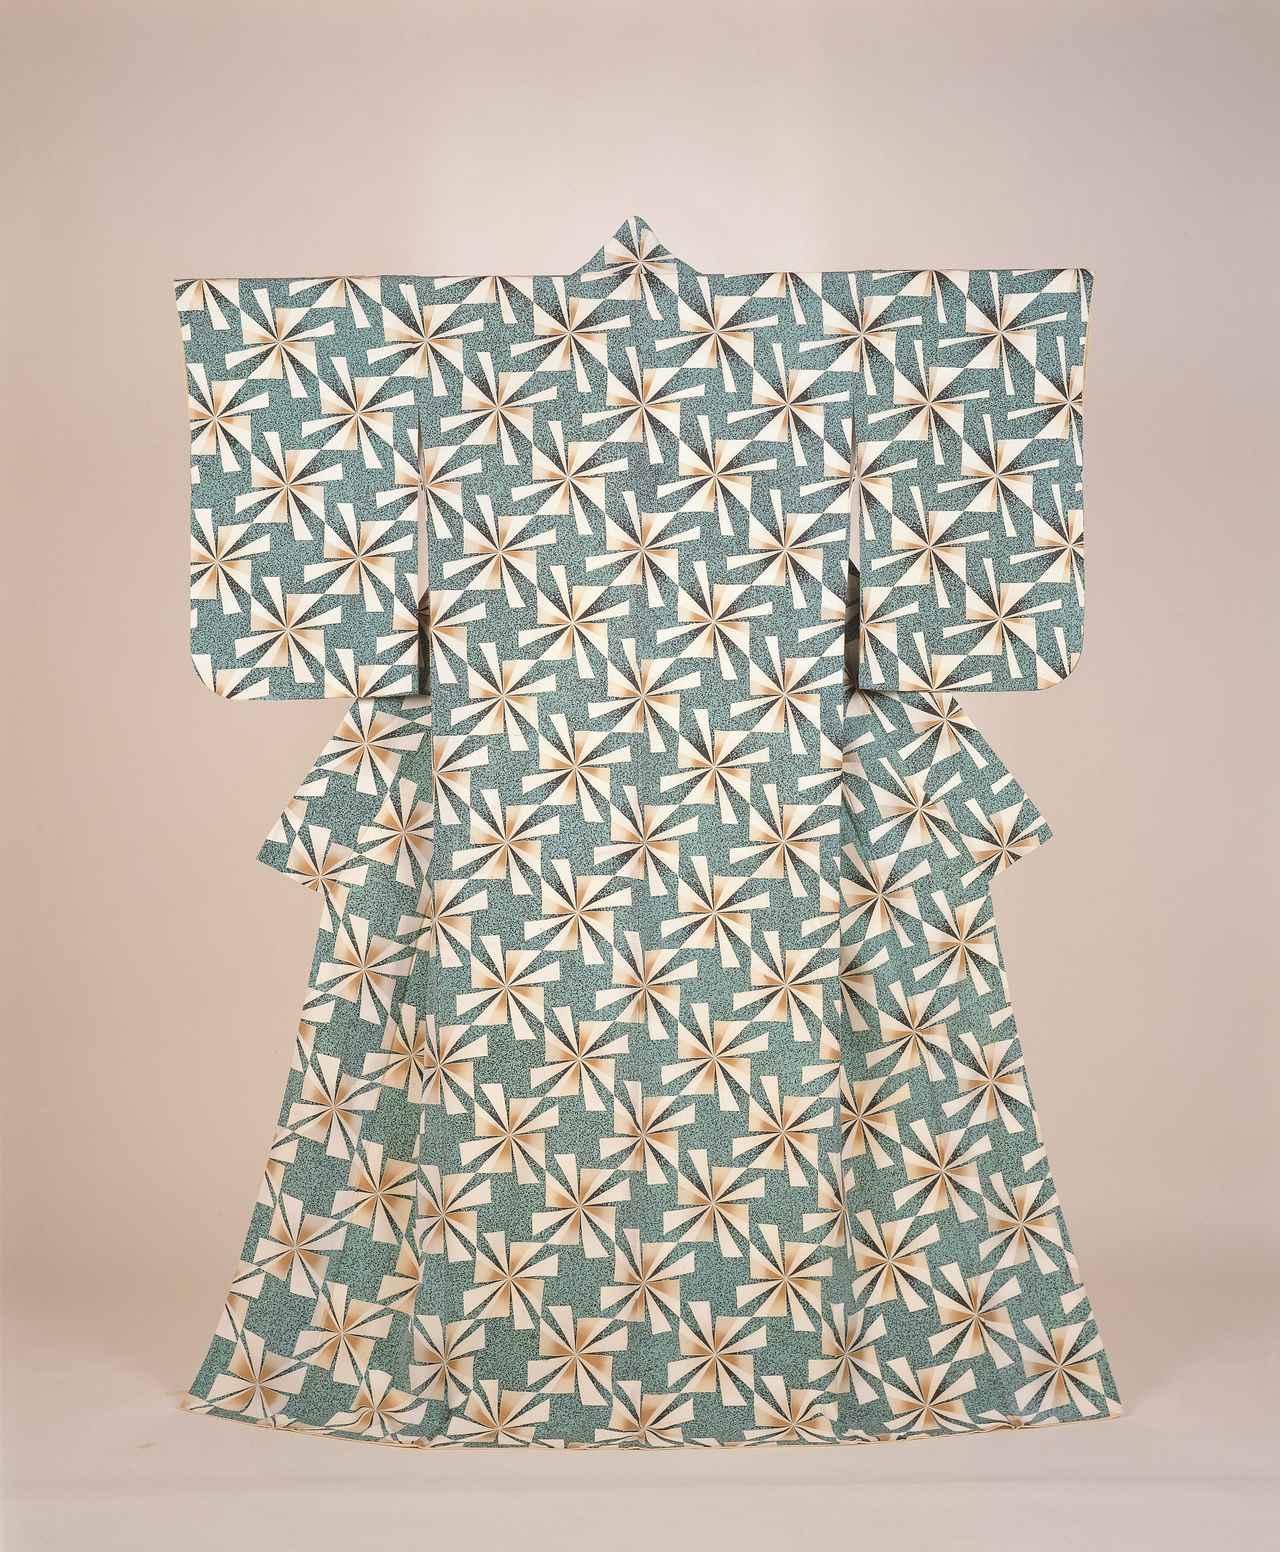 画像: 森口邦彦 《友禅着物「白雨」》 1970年 群馬県立近代美術館蔵